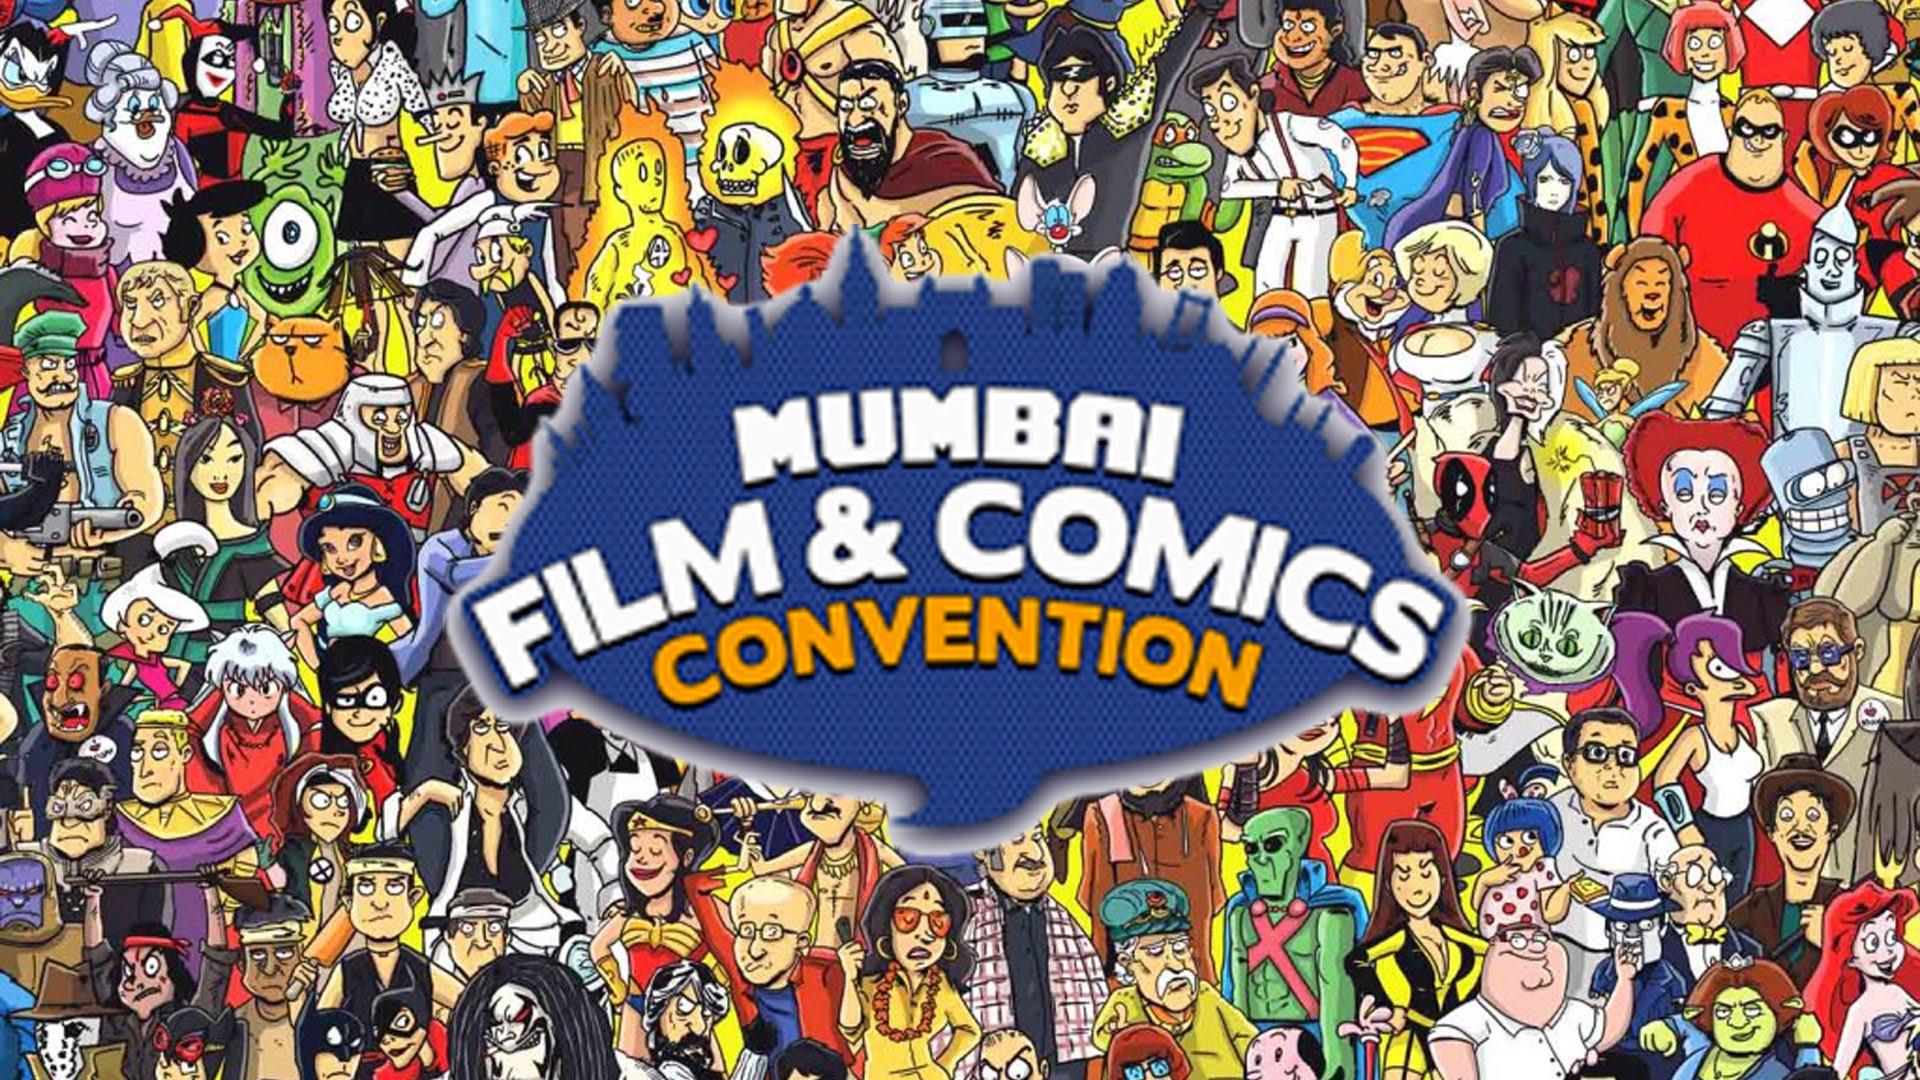 mumbai-film-and-comics-convention